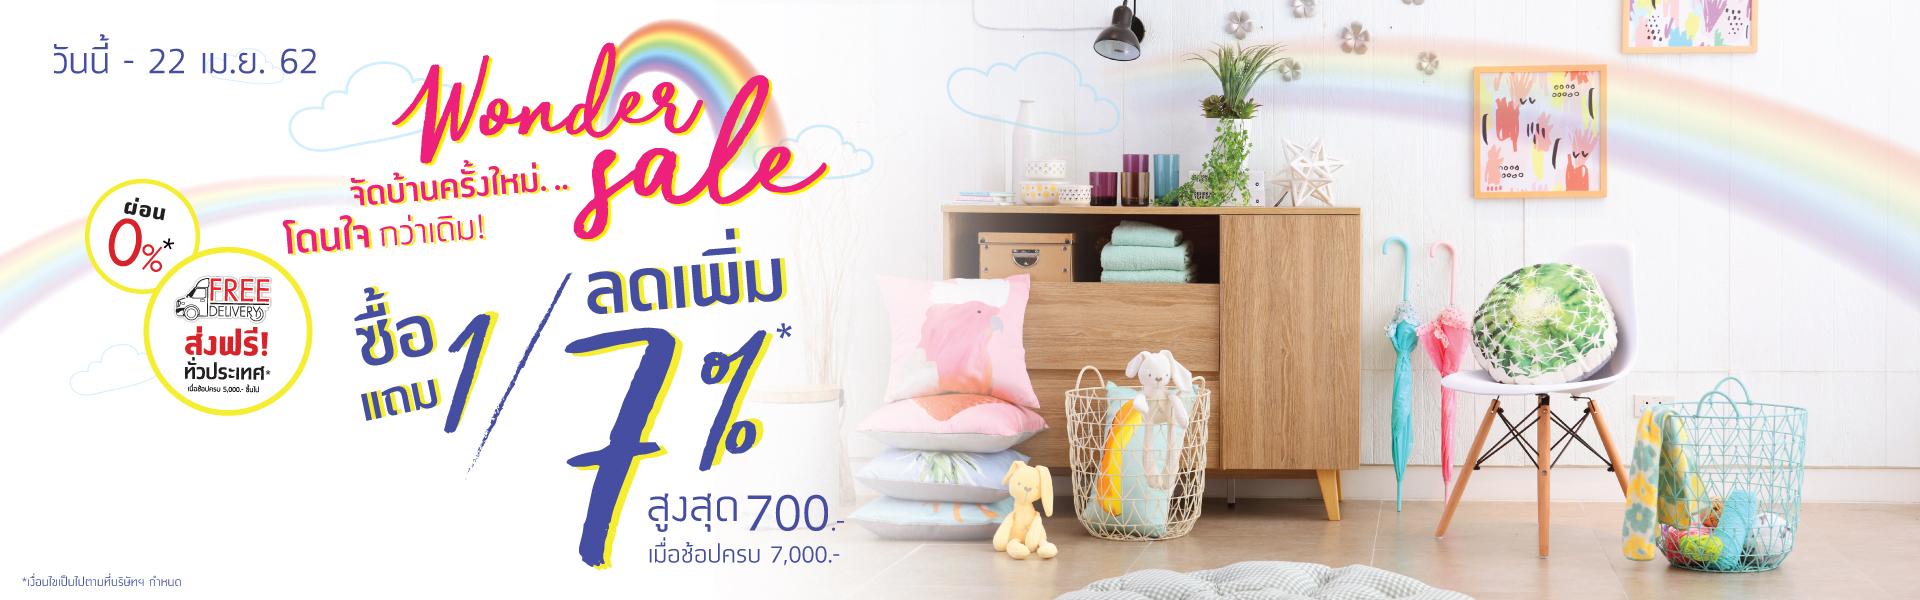 Wonder-sale